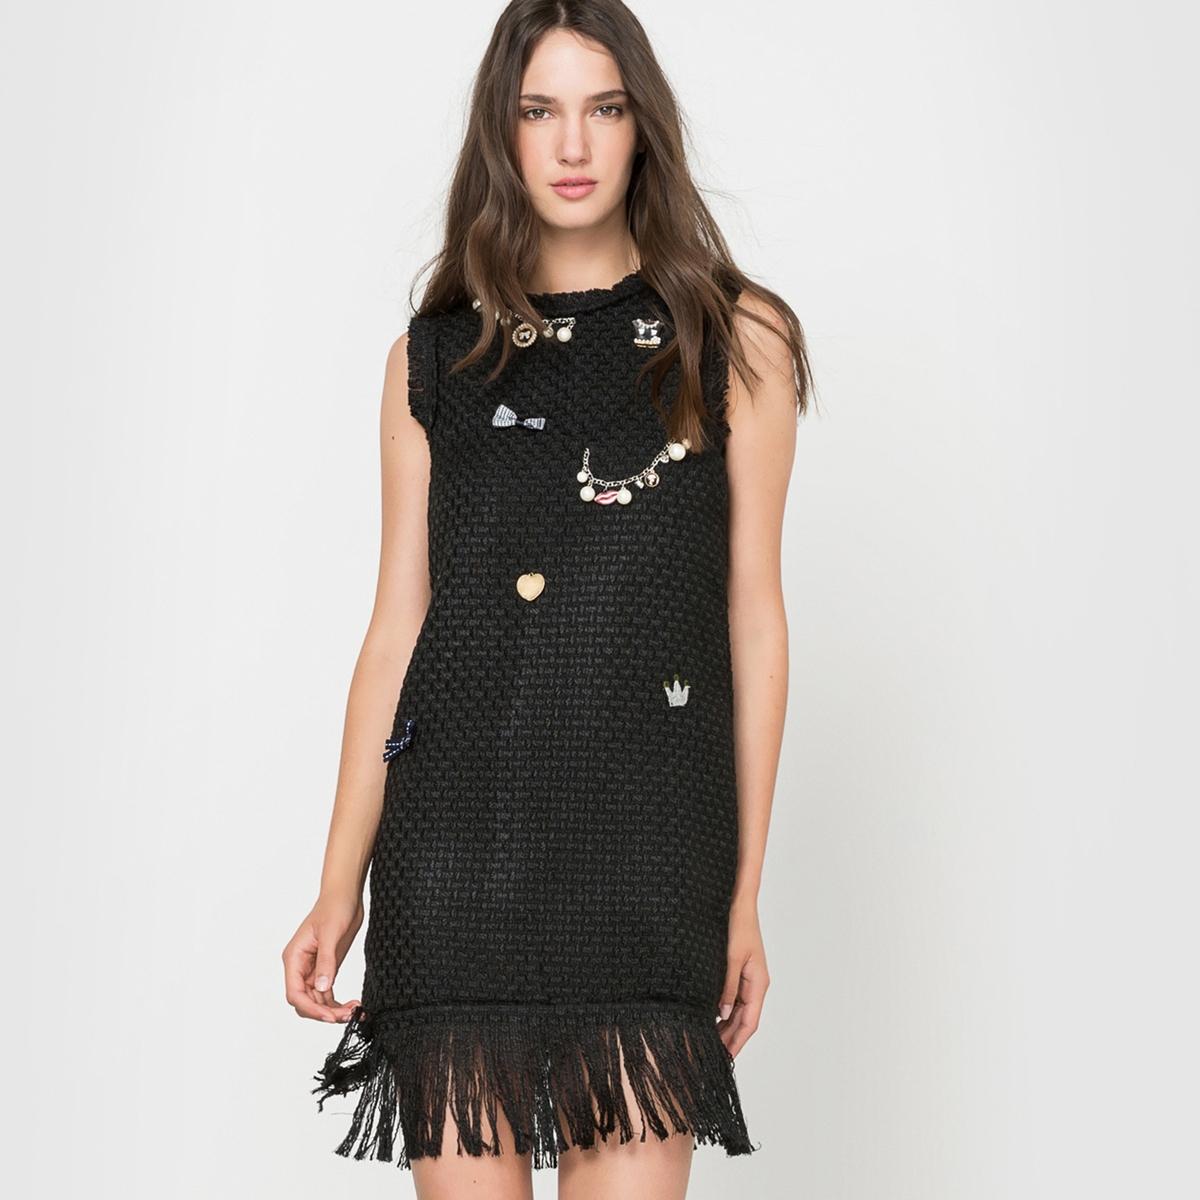 Платье без рукавов с бахромойПлатье без рукавов  MOLLY BRACKEN. Это платье с оригинальными украшениями, вышивкой спереди и бахромой в стиле чарльстон не оставит Вас безразличной. Платье очень легко одевать, благодаря застежке на молнию сзади. Состав и описаниеМатериал: 80% полиэстера, 20% акрила.Марка: MOLLY BRACKEN.УходСтирать при 30°C с вещамиподобныхцветов.  Стирать и гладить с изнанки.<br><br>Цвет: черный